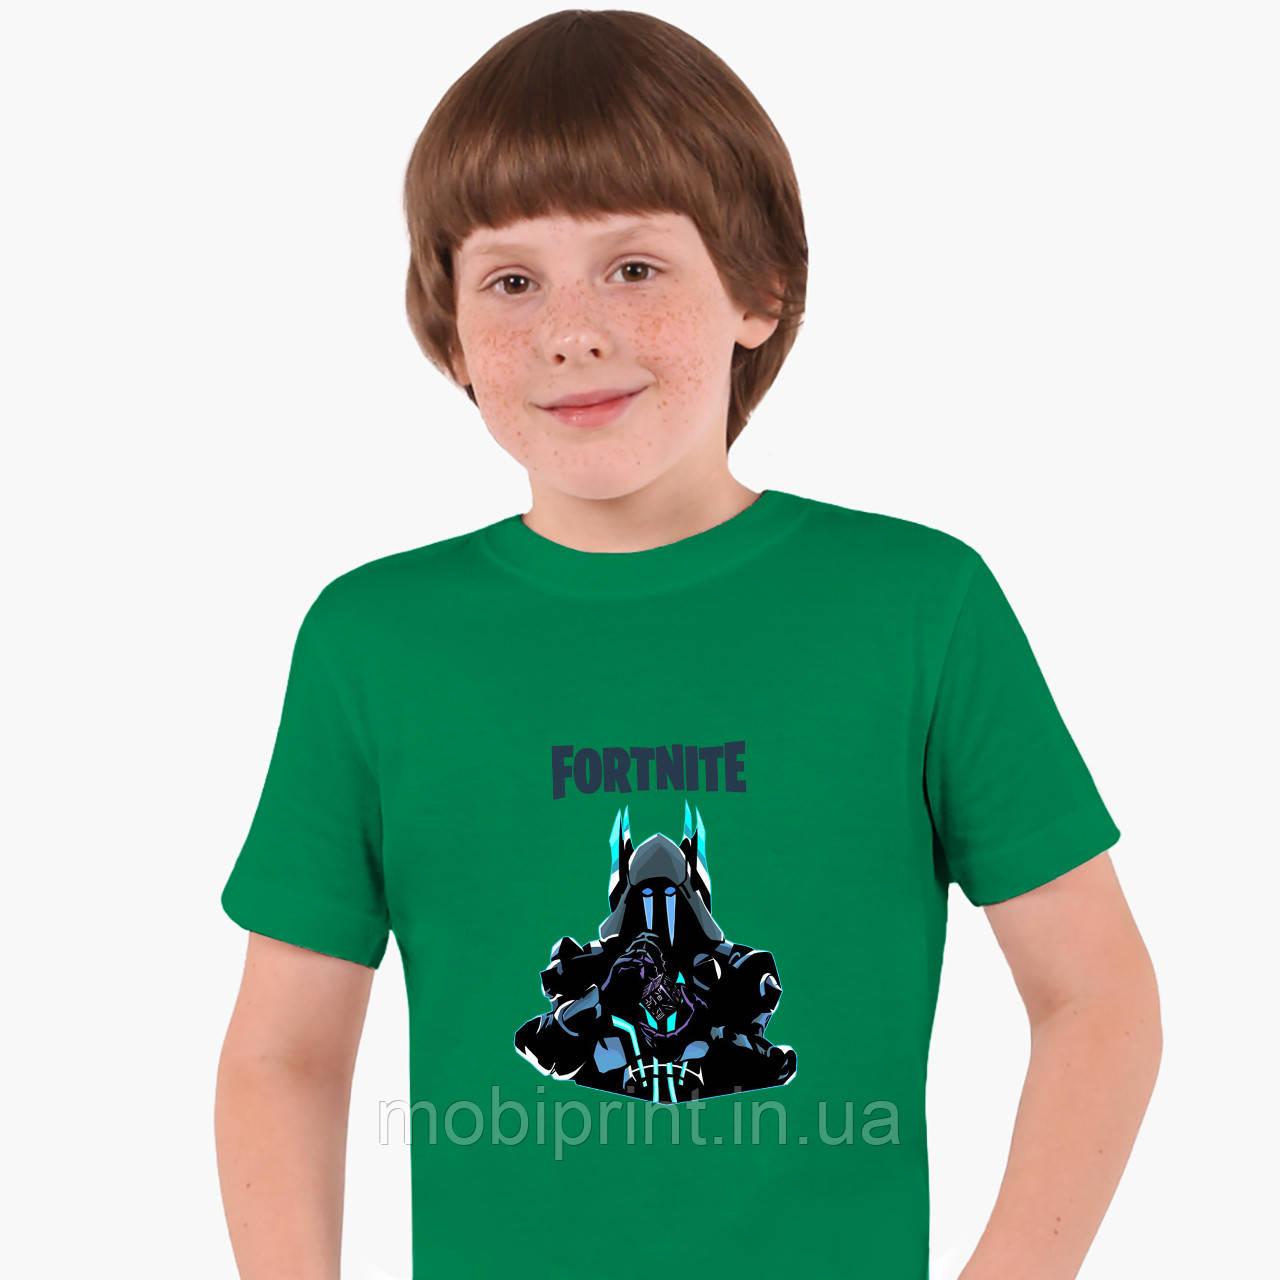 Детская футболка для мальчиков Фортнайт (Fortnite) (25186-1195) Зеленый